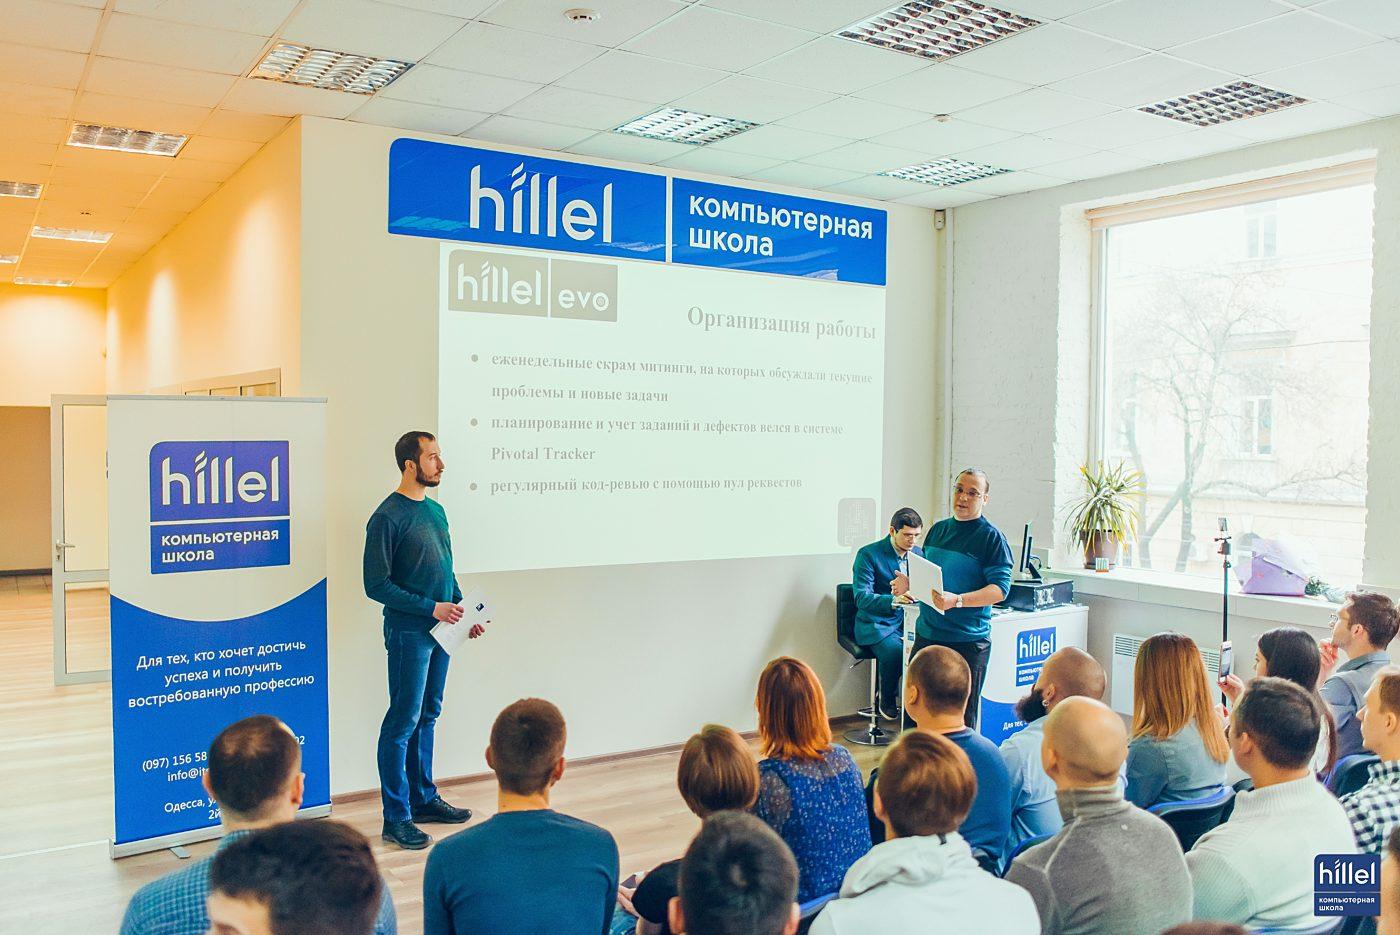 Новости школы: Стартует второй цикл программы Hillel Evo